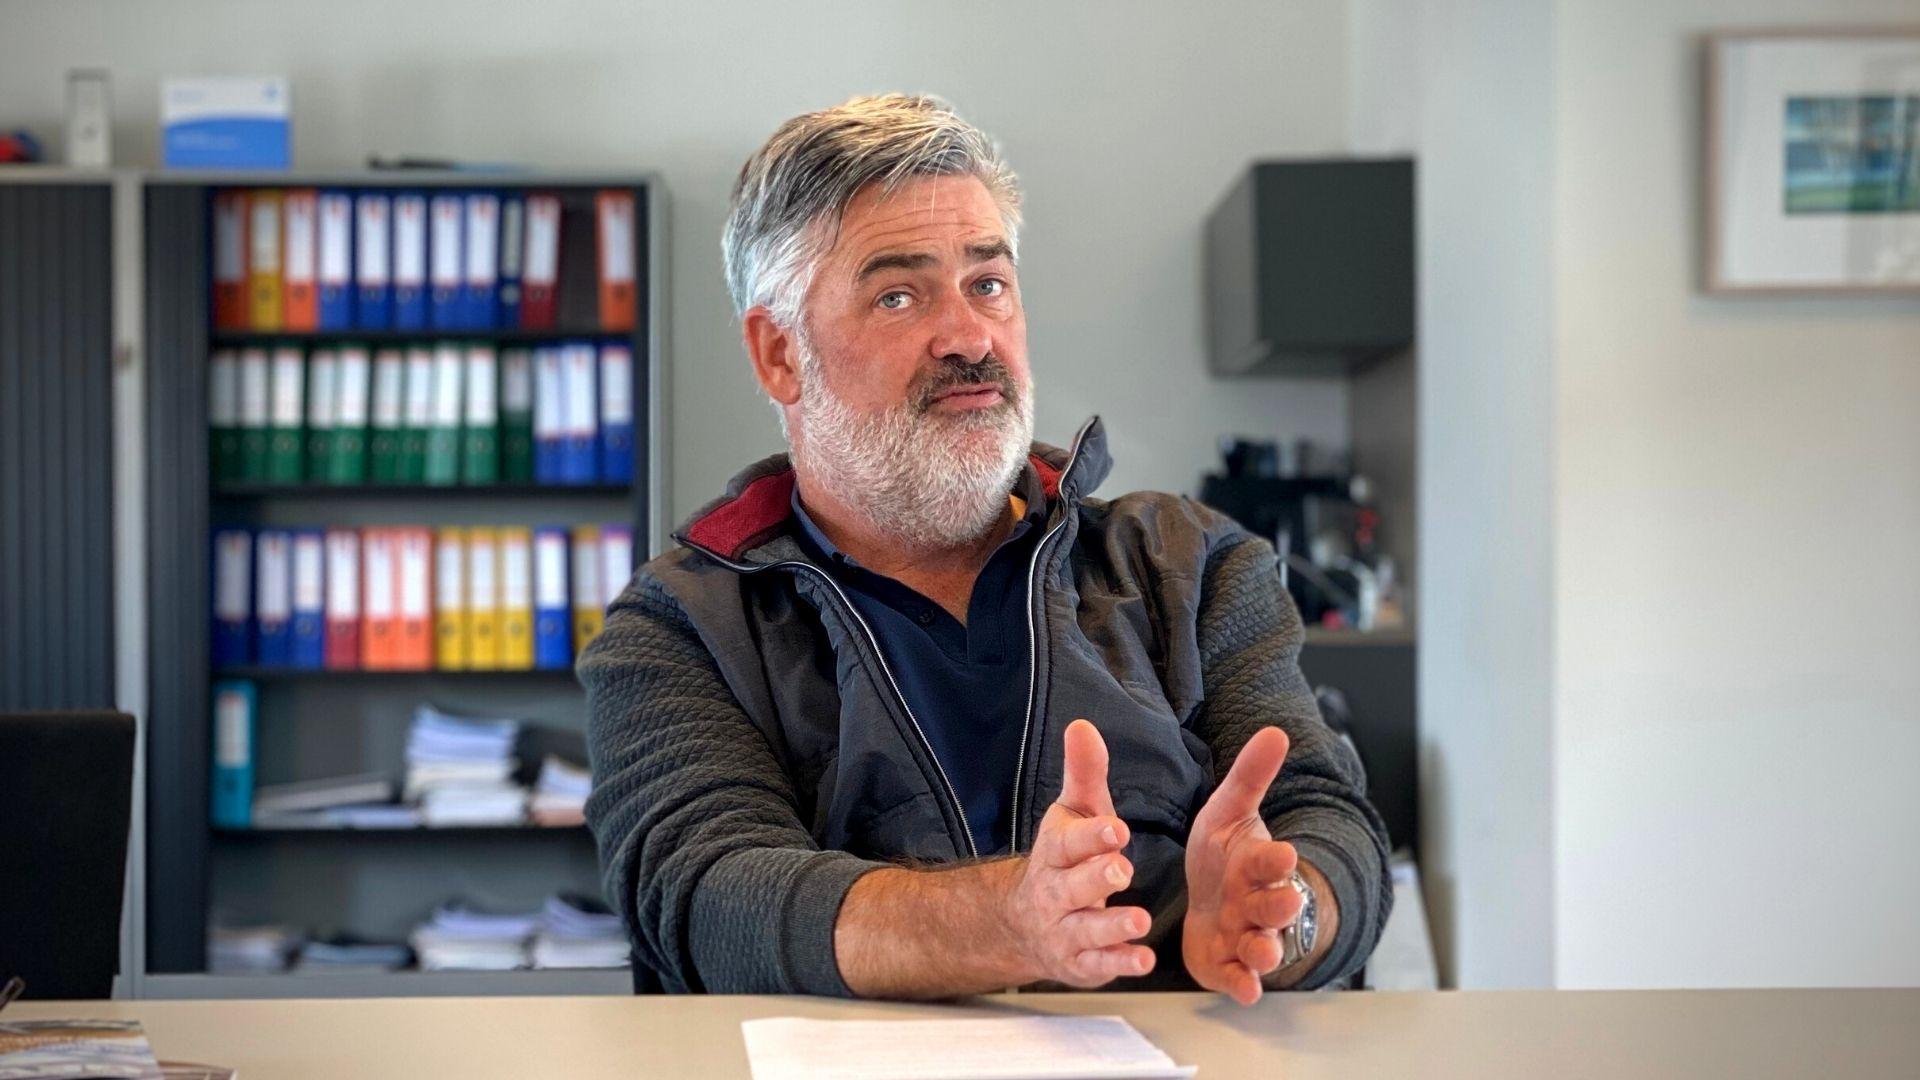 casadei-visit-allpro-interview-Henk-Reijnders